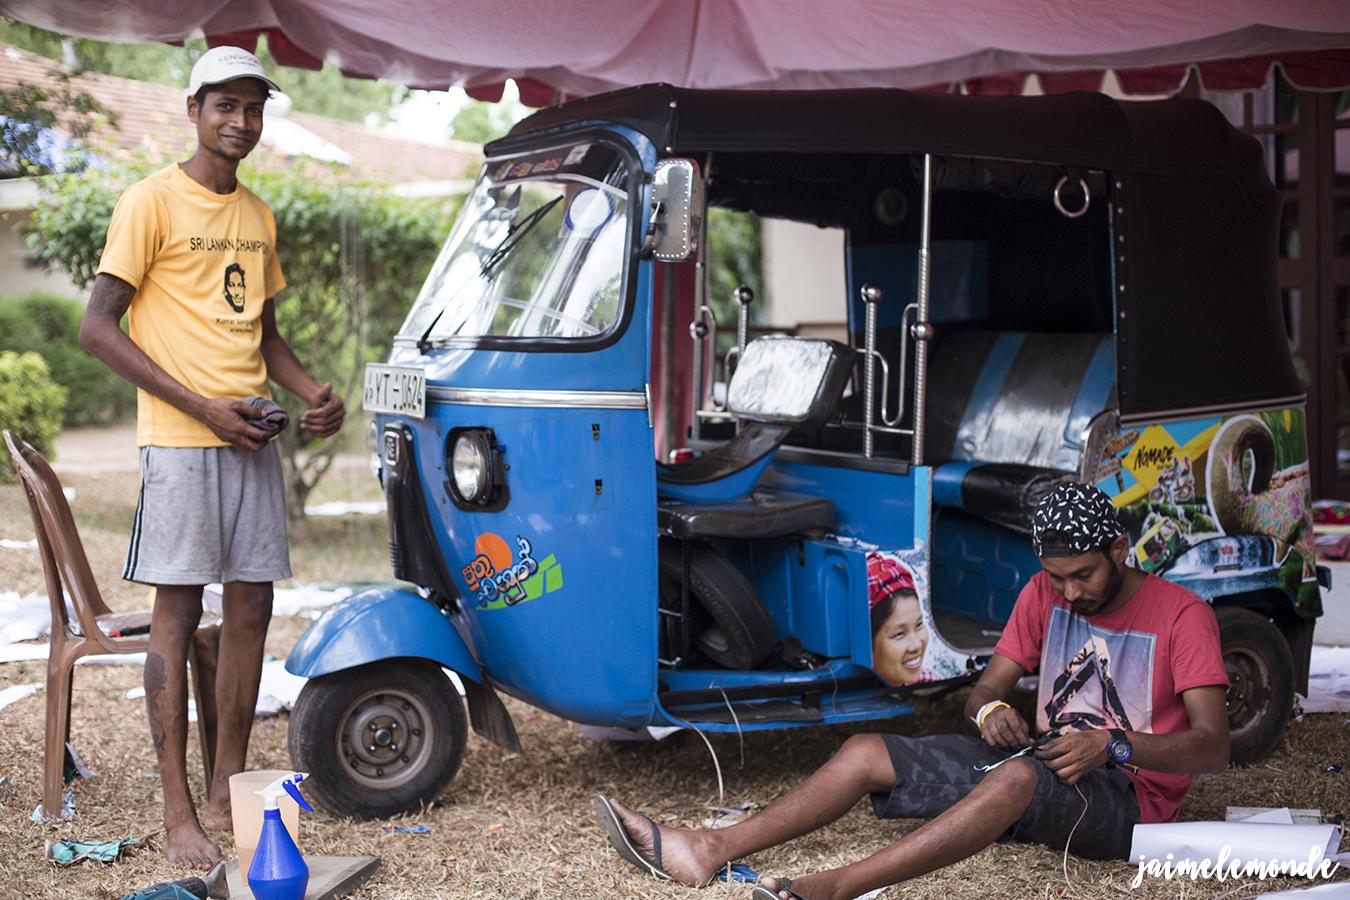 lanka-challenge-2016-avec-nomade-aventure-jaimelemonde-14